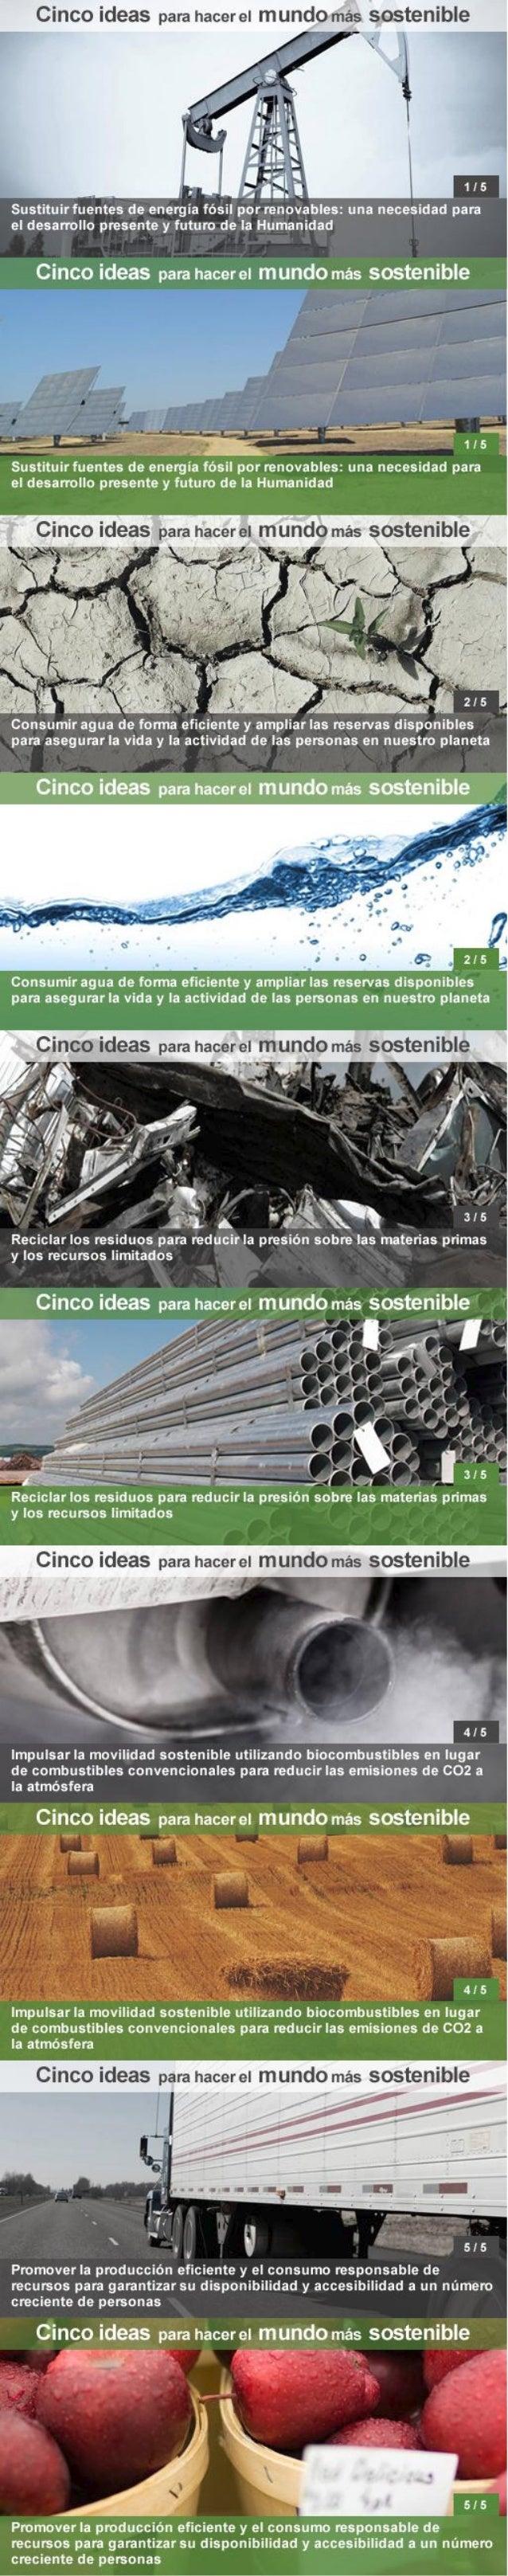 Abengoa 5 ideas para un mundo más sostenible